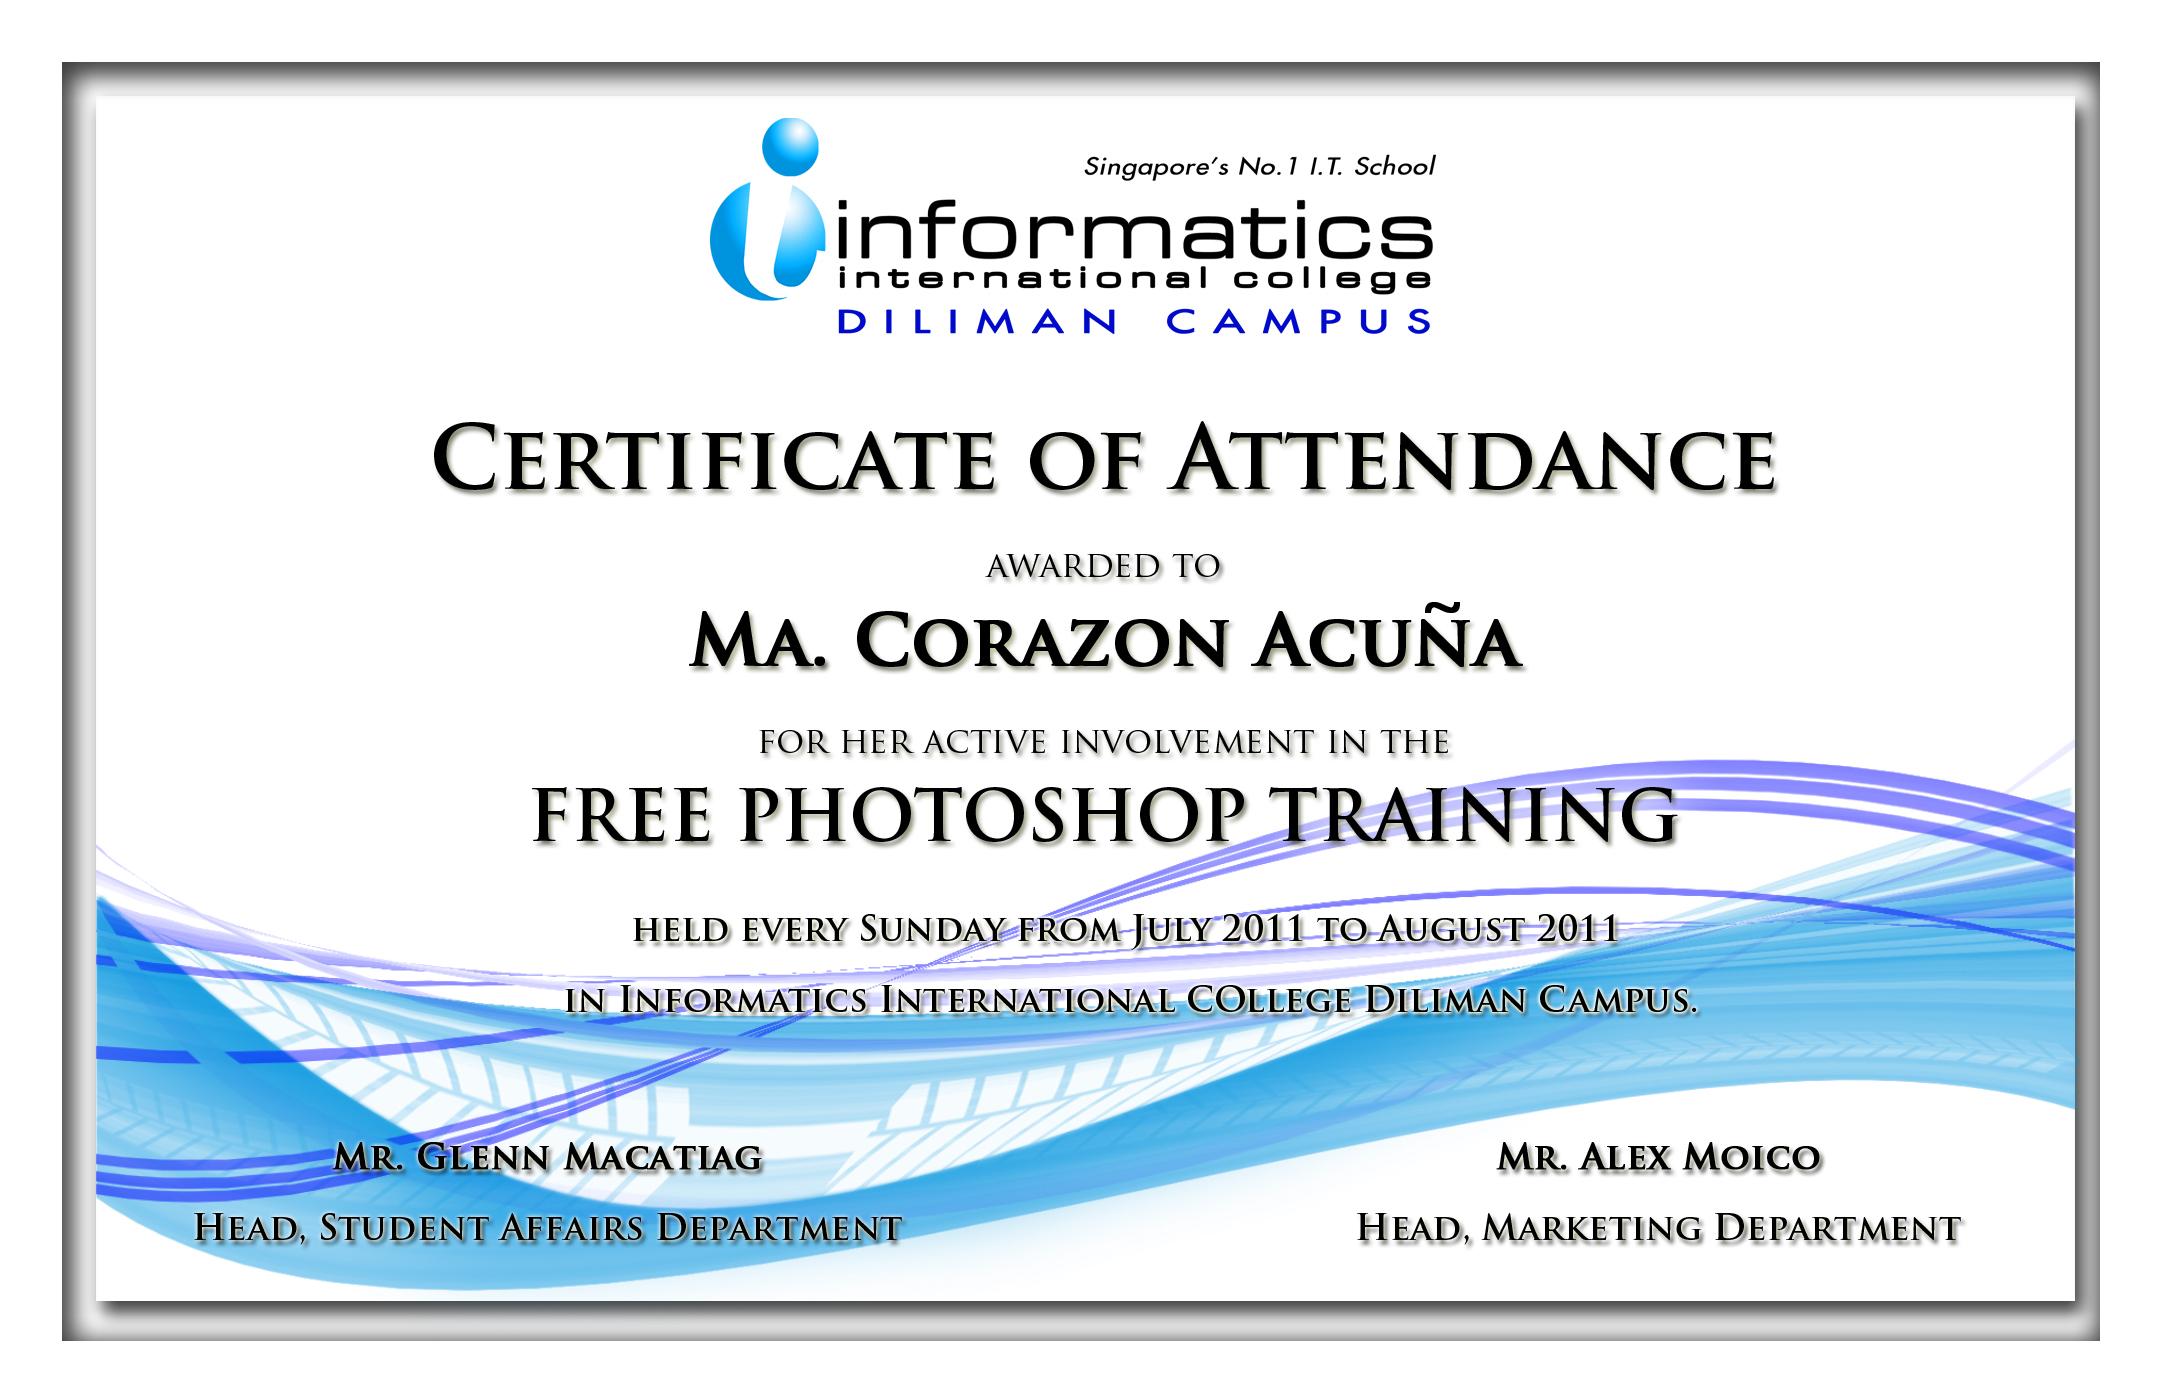 Corporate certificate templates image collections templates corporate certificate templates gallery templates example free corporate certificate templates choice image templates example corporate certificate yelopaper Choice Image